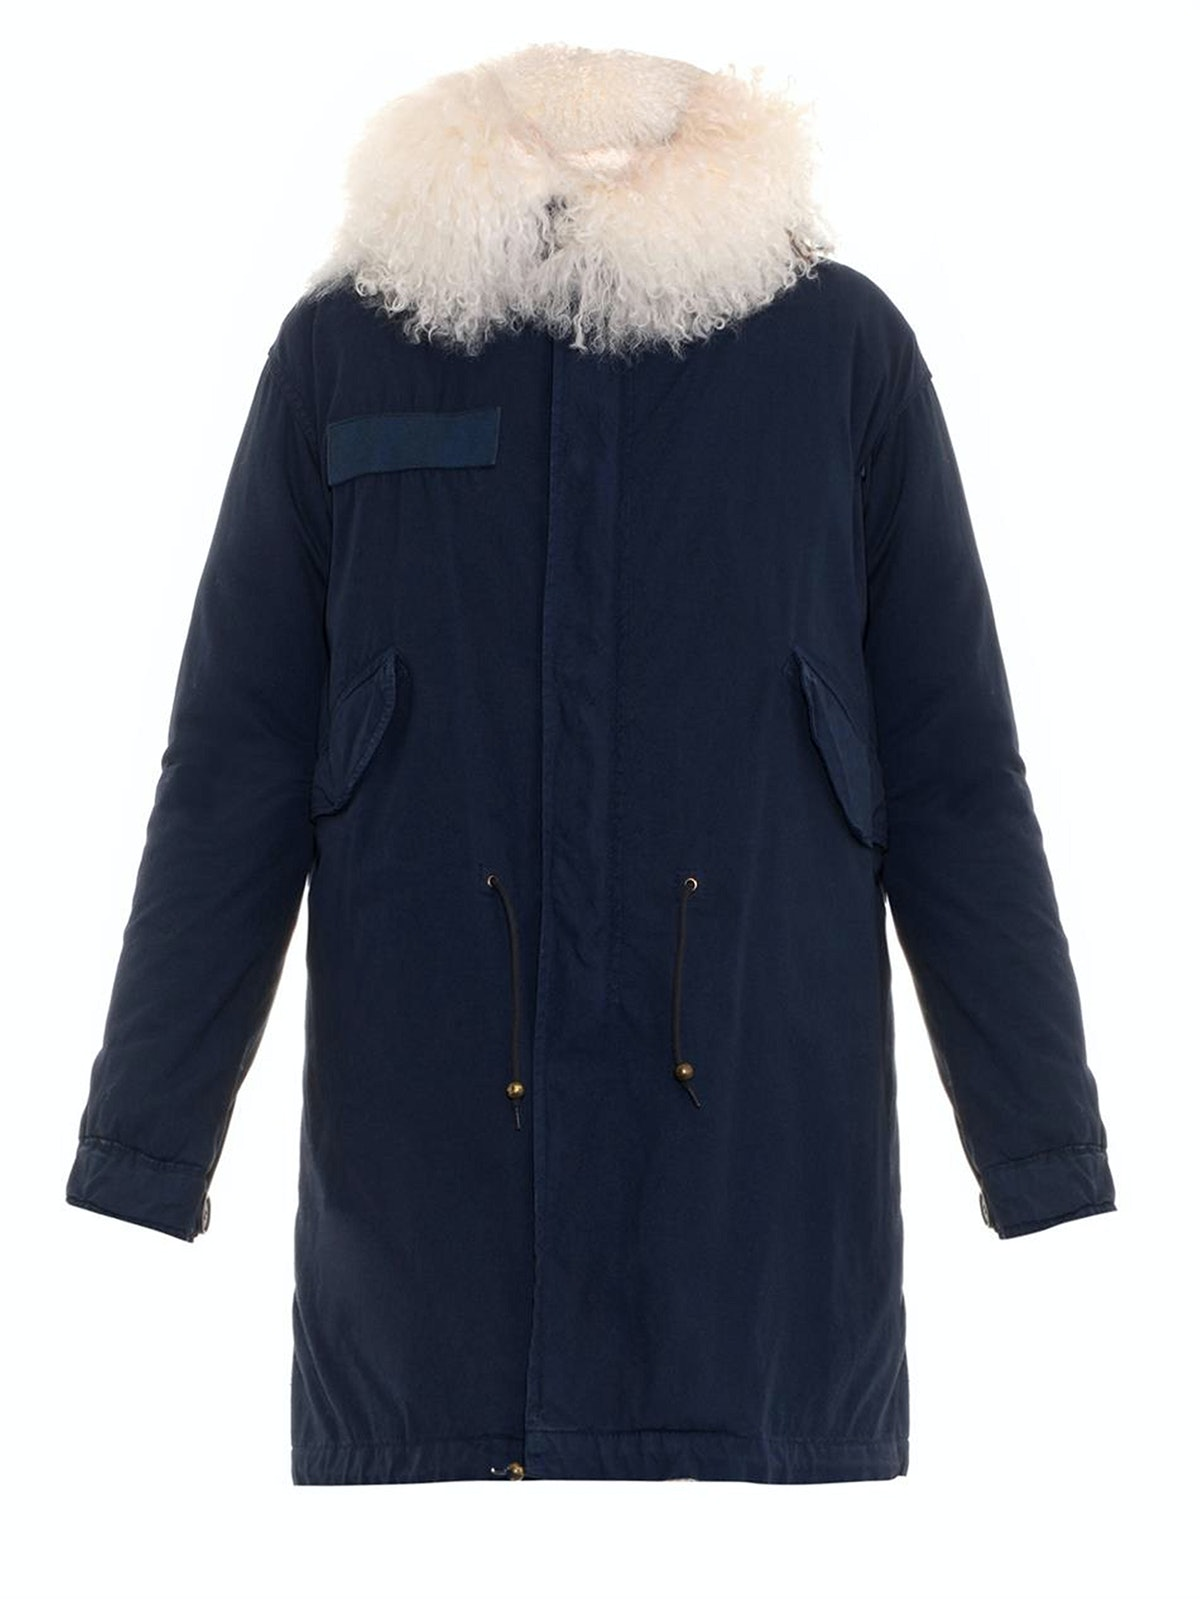 Mr. & Mrs Furs coat